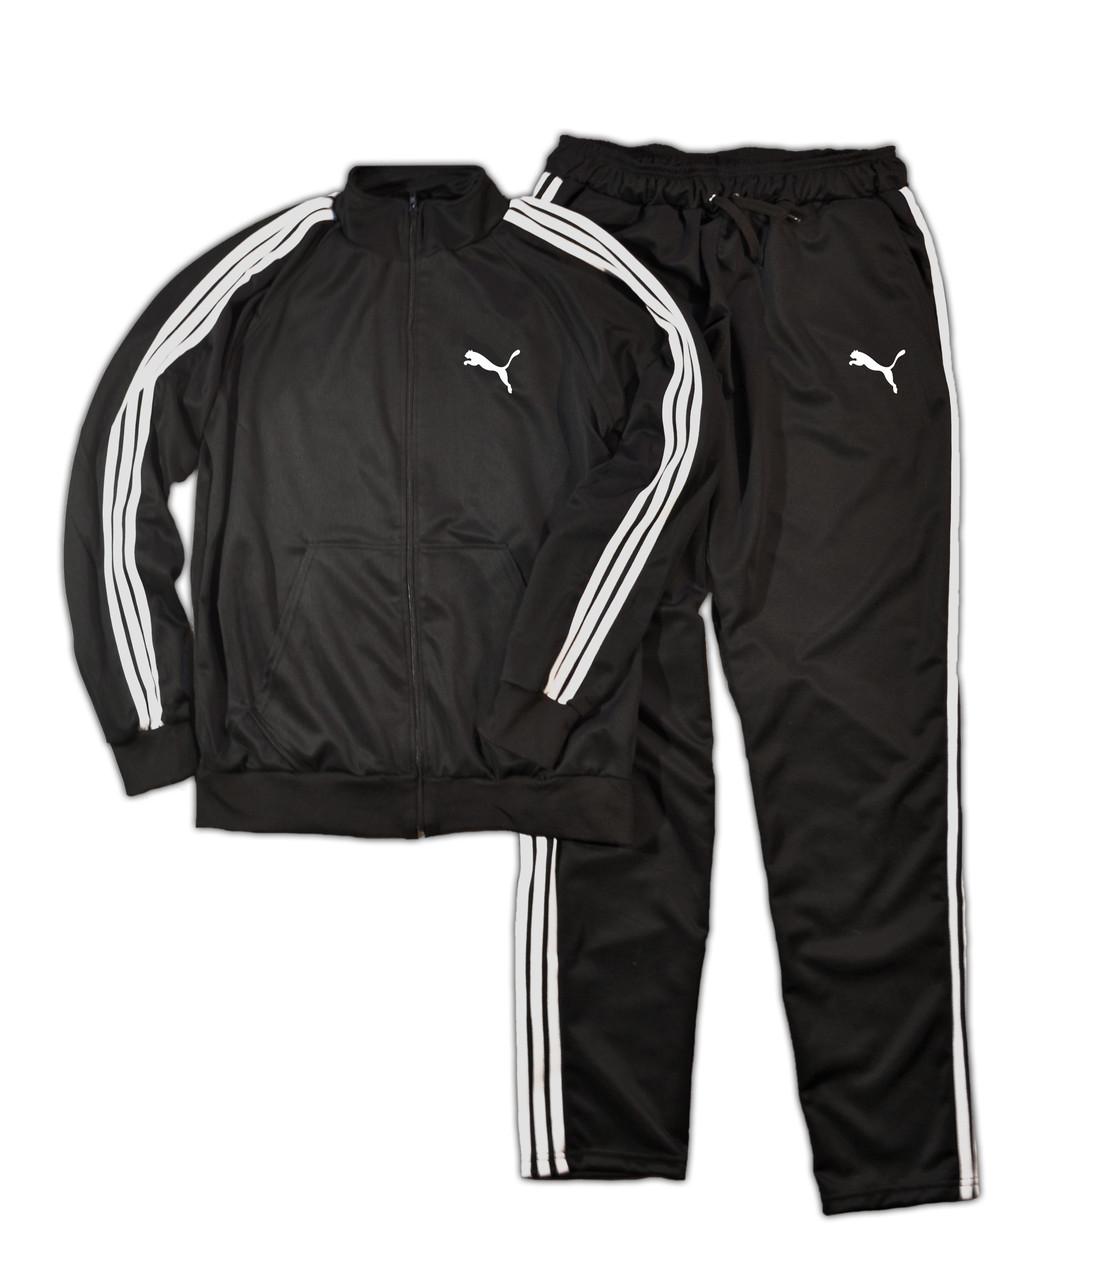 Мужской спортивный костюм Puma для тренировок (Пума)